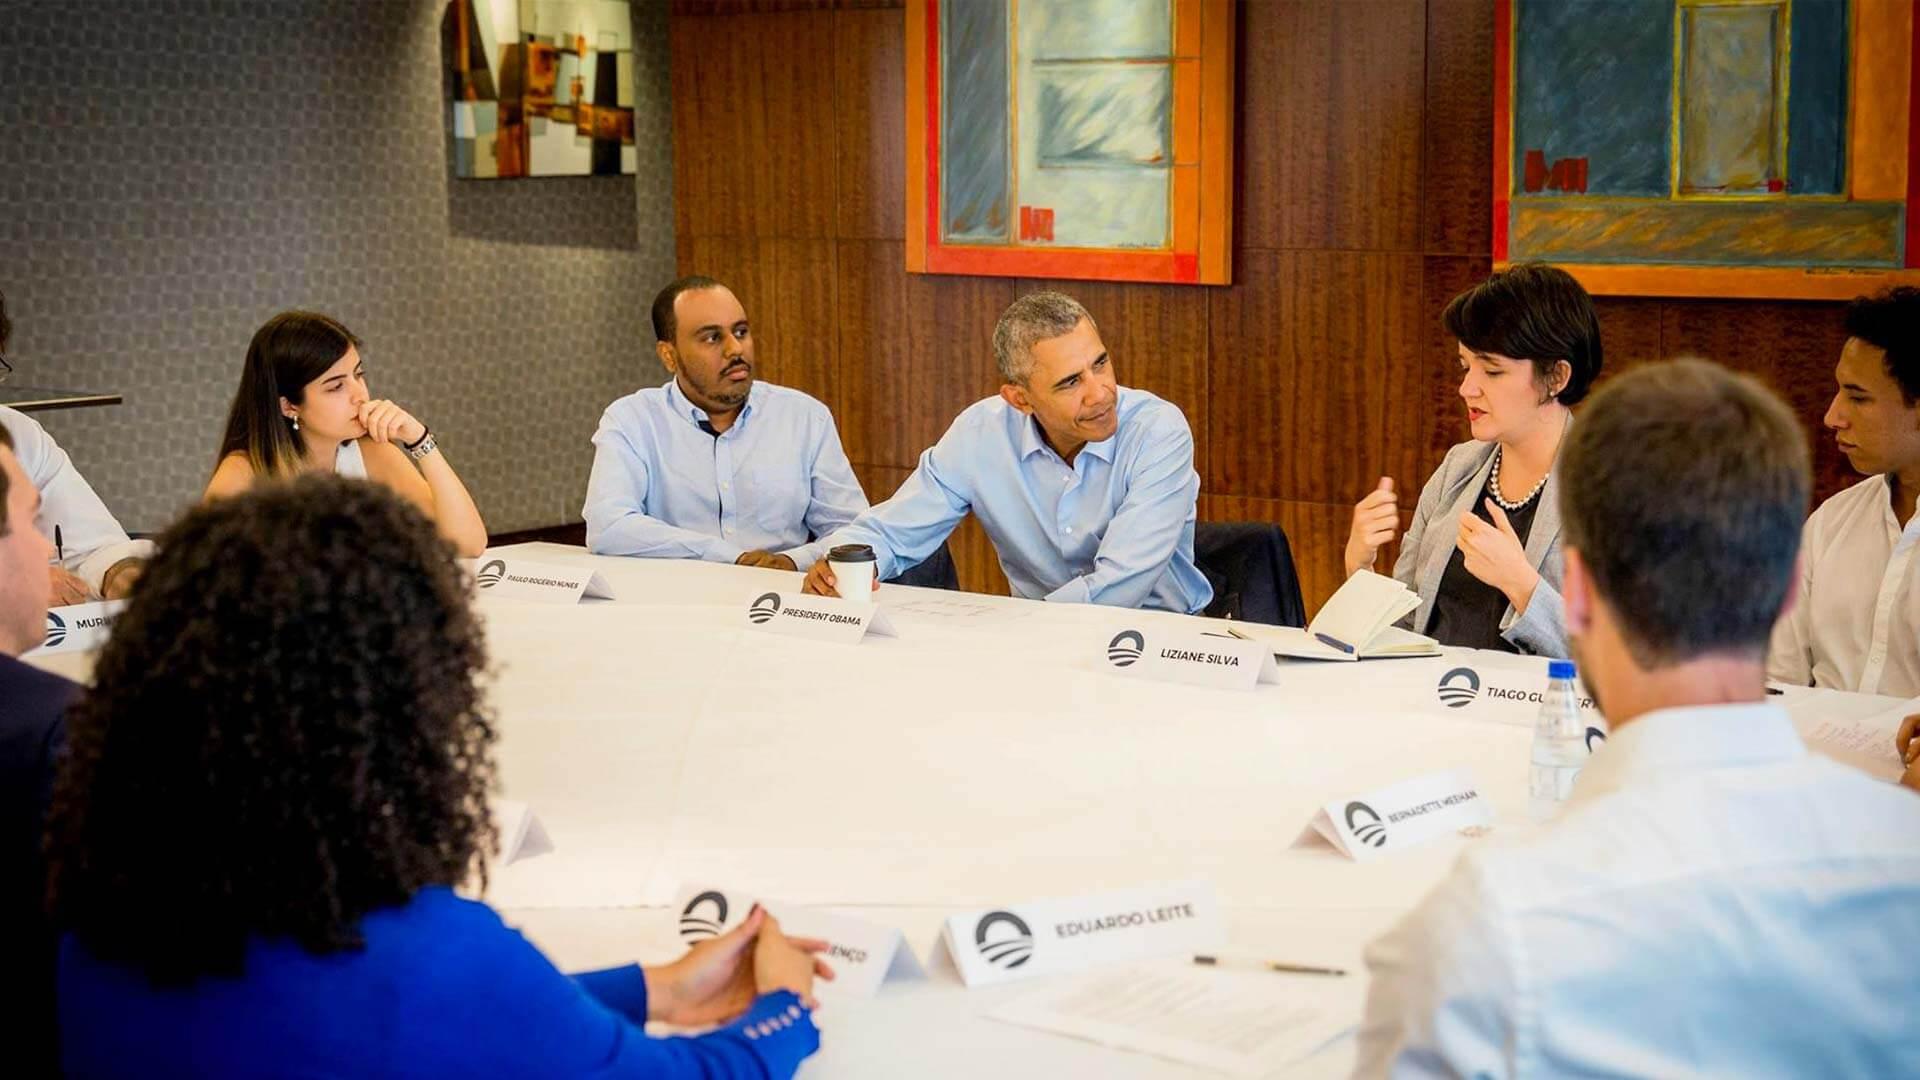 Lemann Fellows têm encontro inspirador com Obama